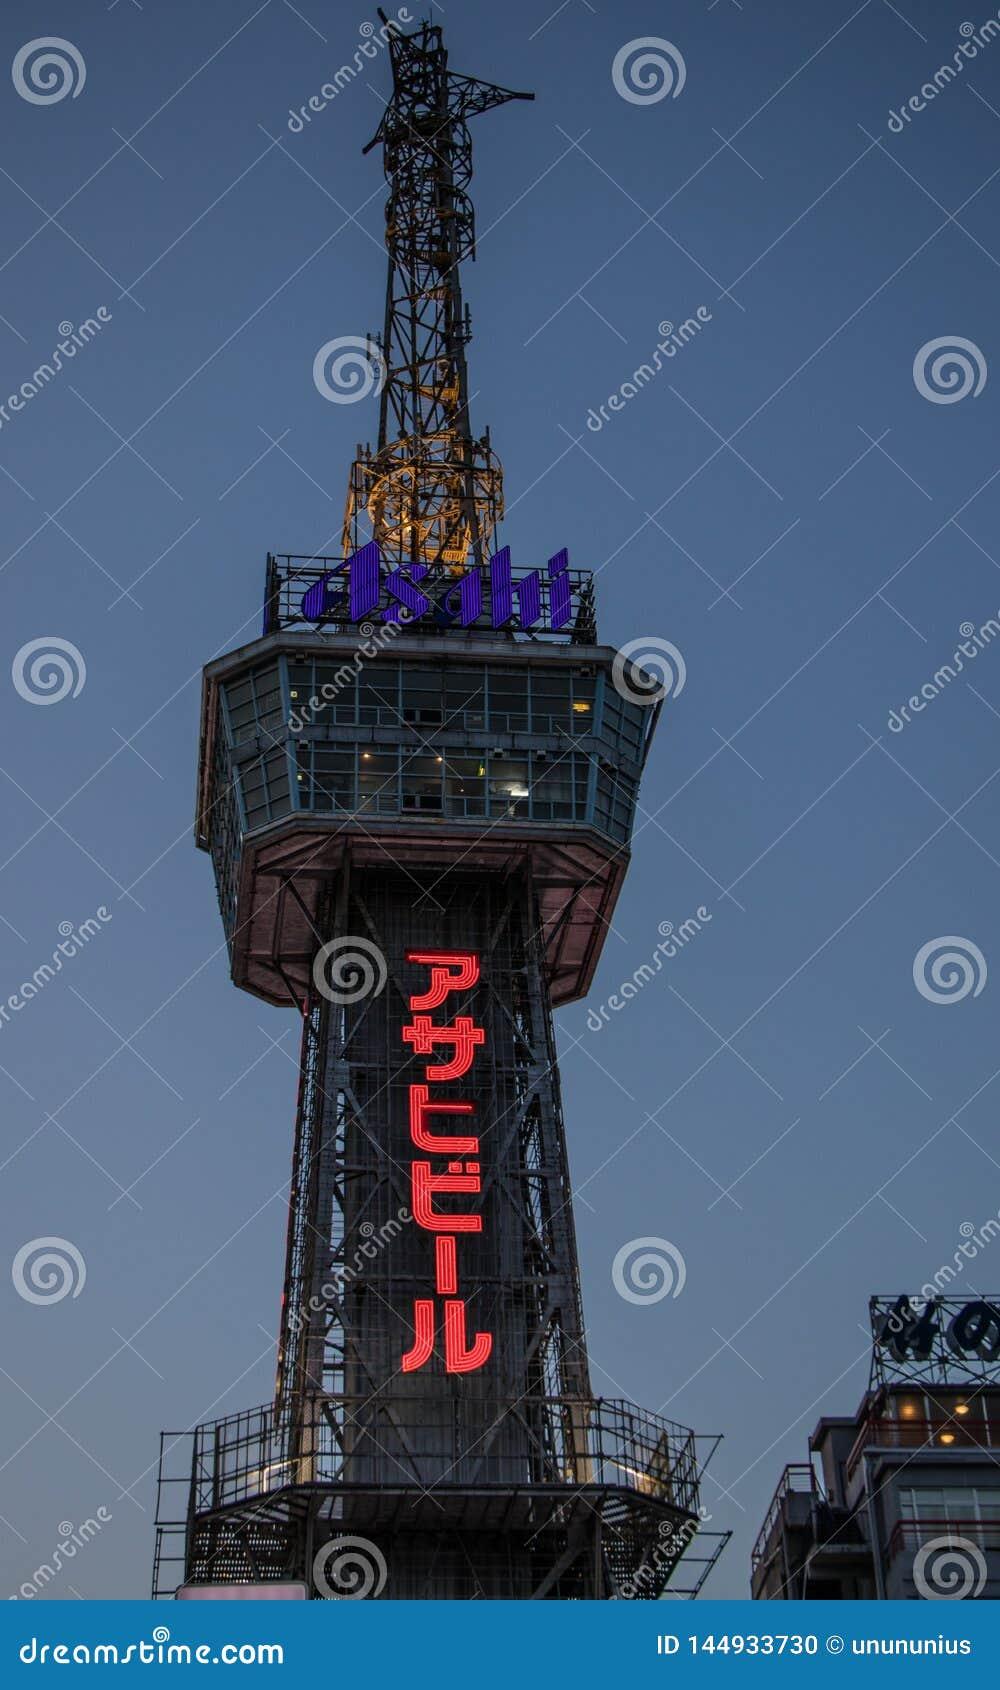 Opinión de Detal sobre la torre de Beppu por la tarde Torre de comunicación del enrejado con la plataforma de observación Bepp